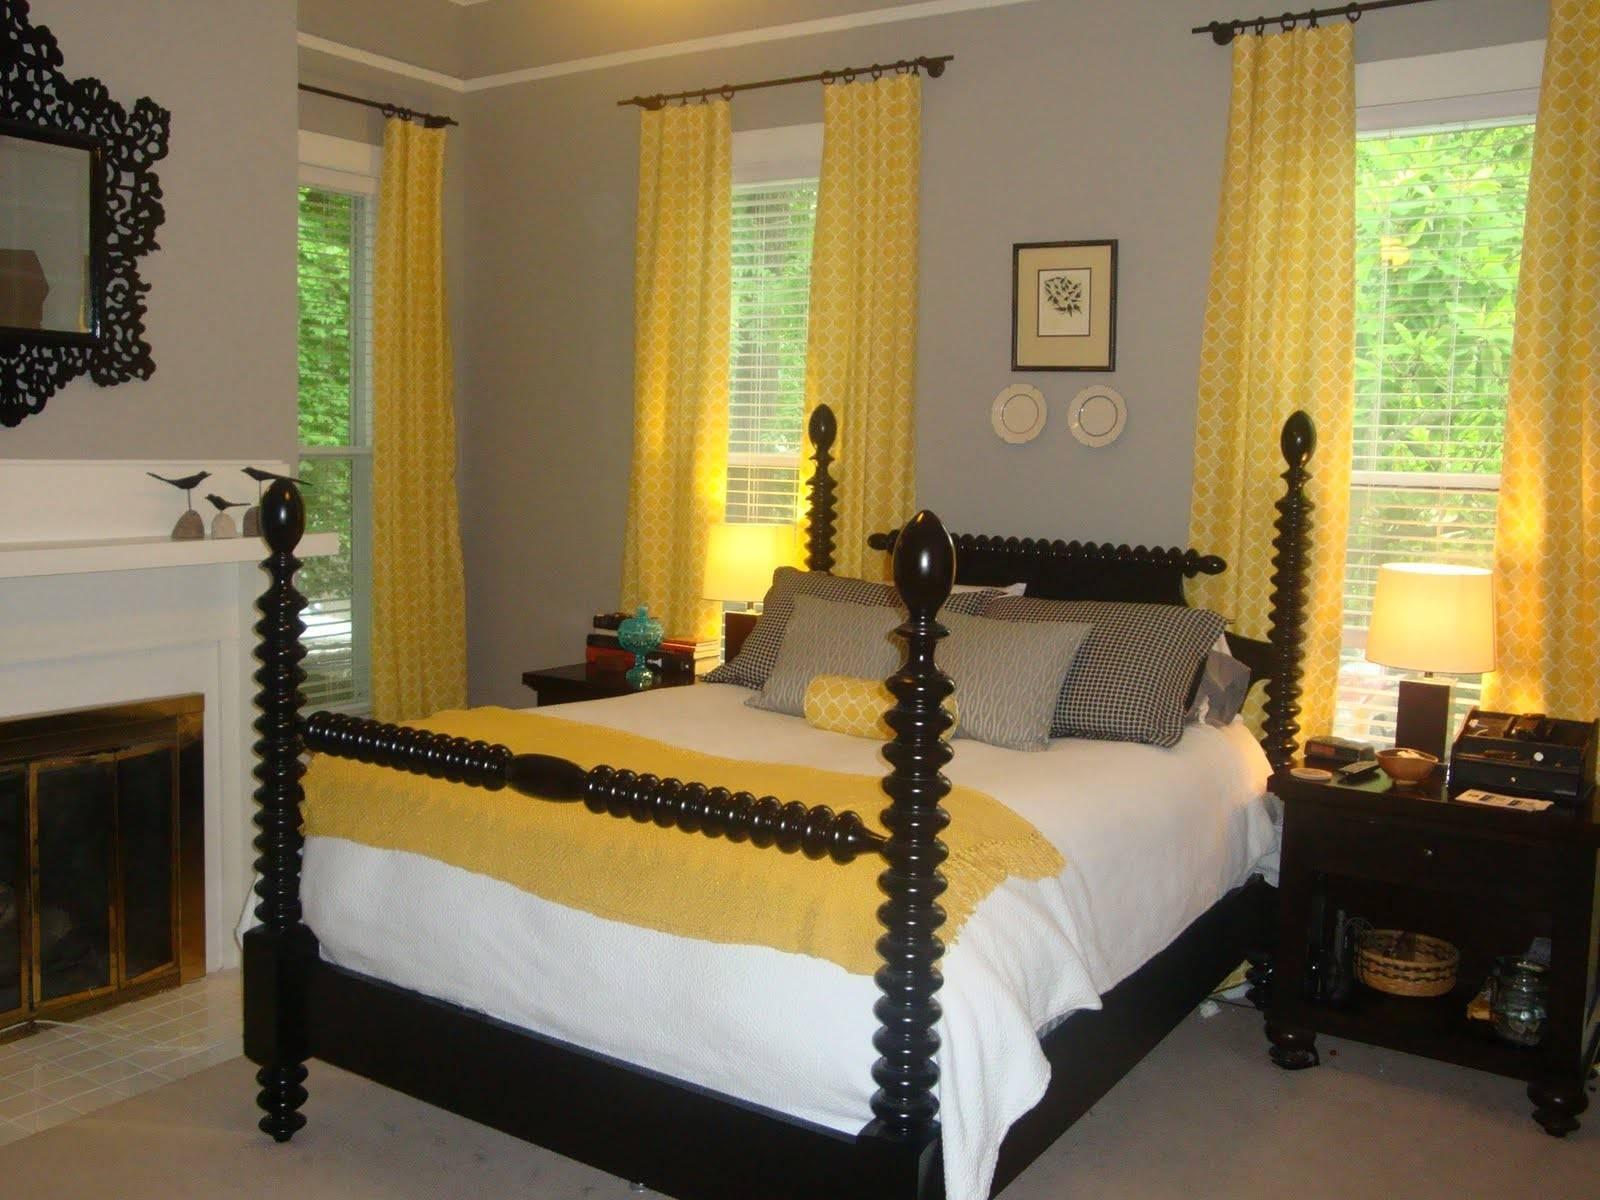 Designinsider Hot Cool Master Bedroom